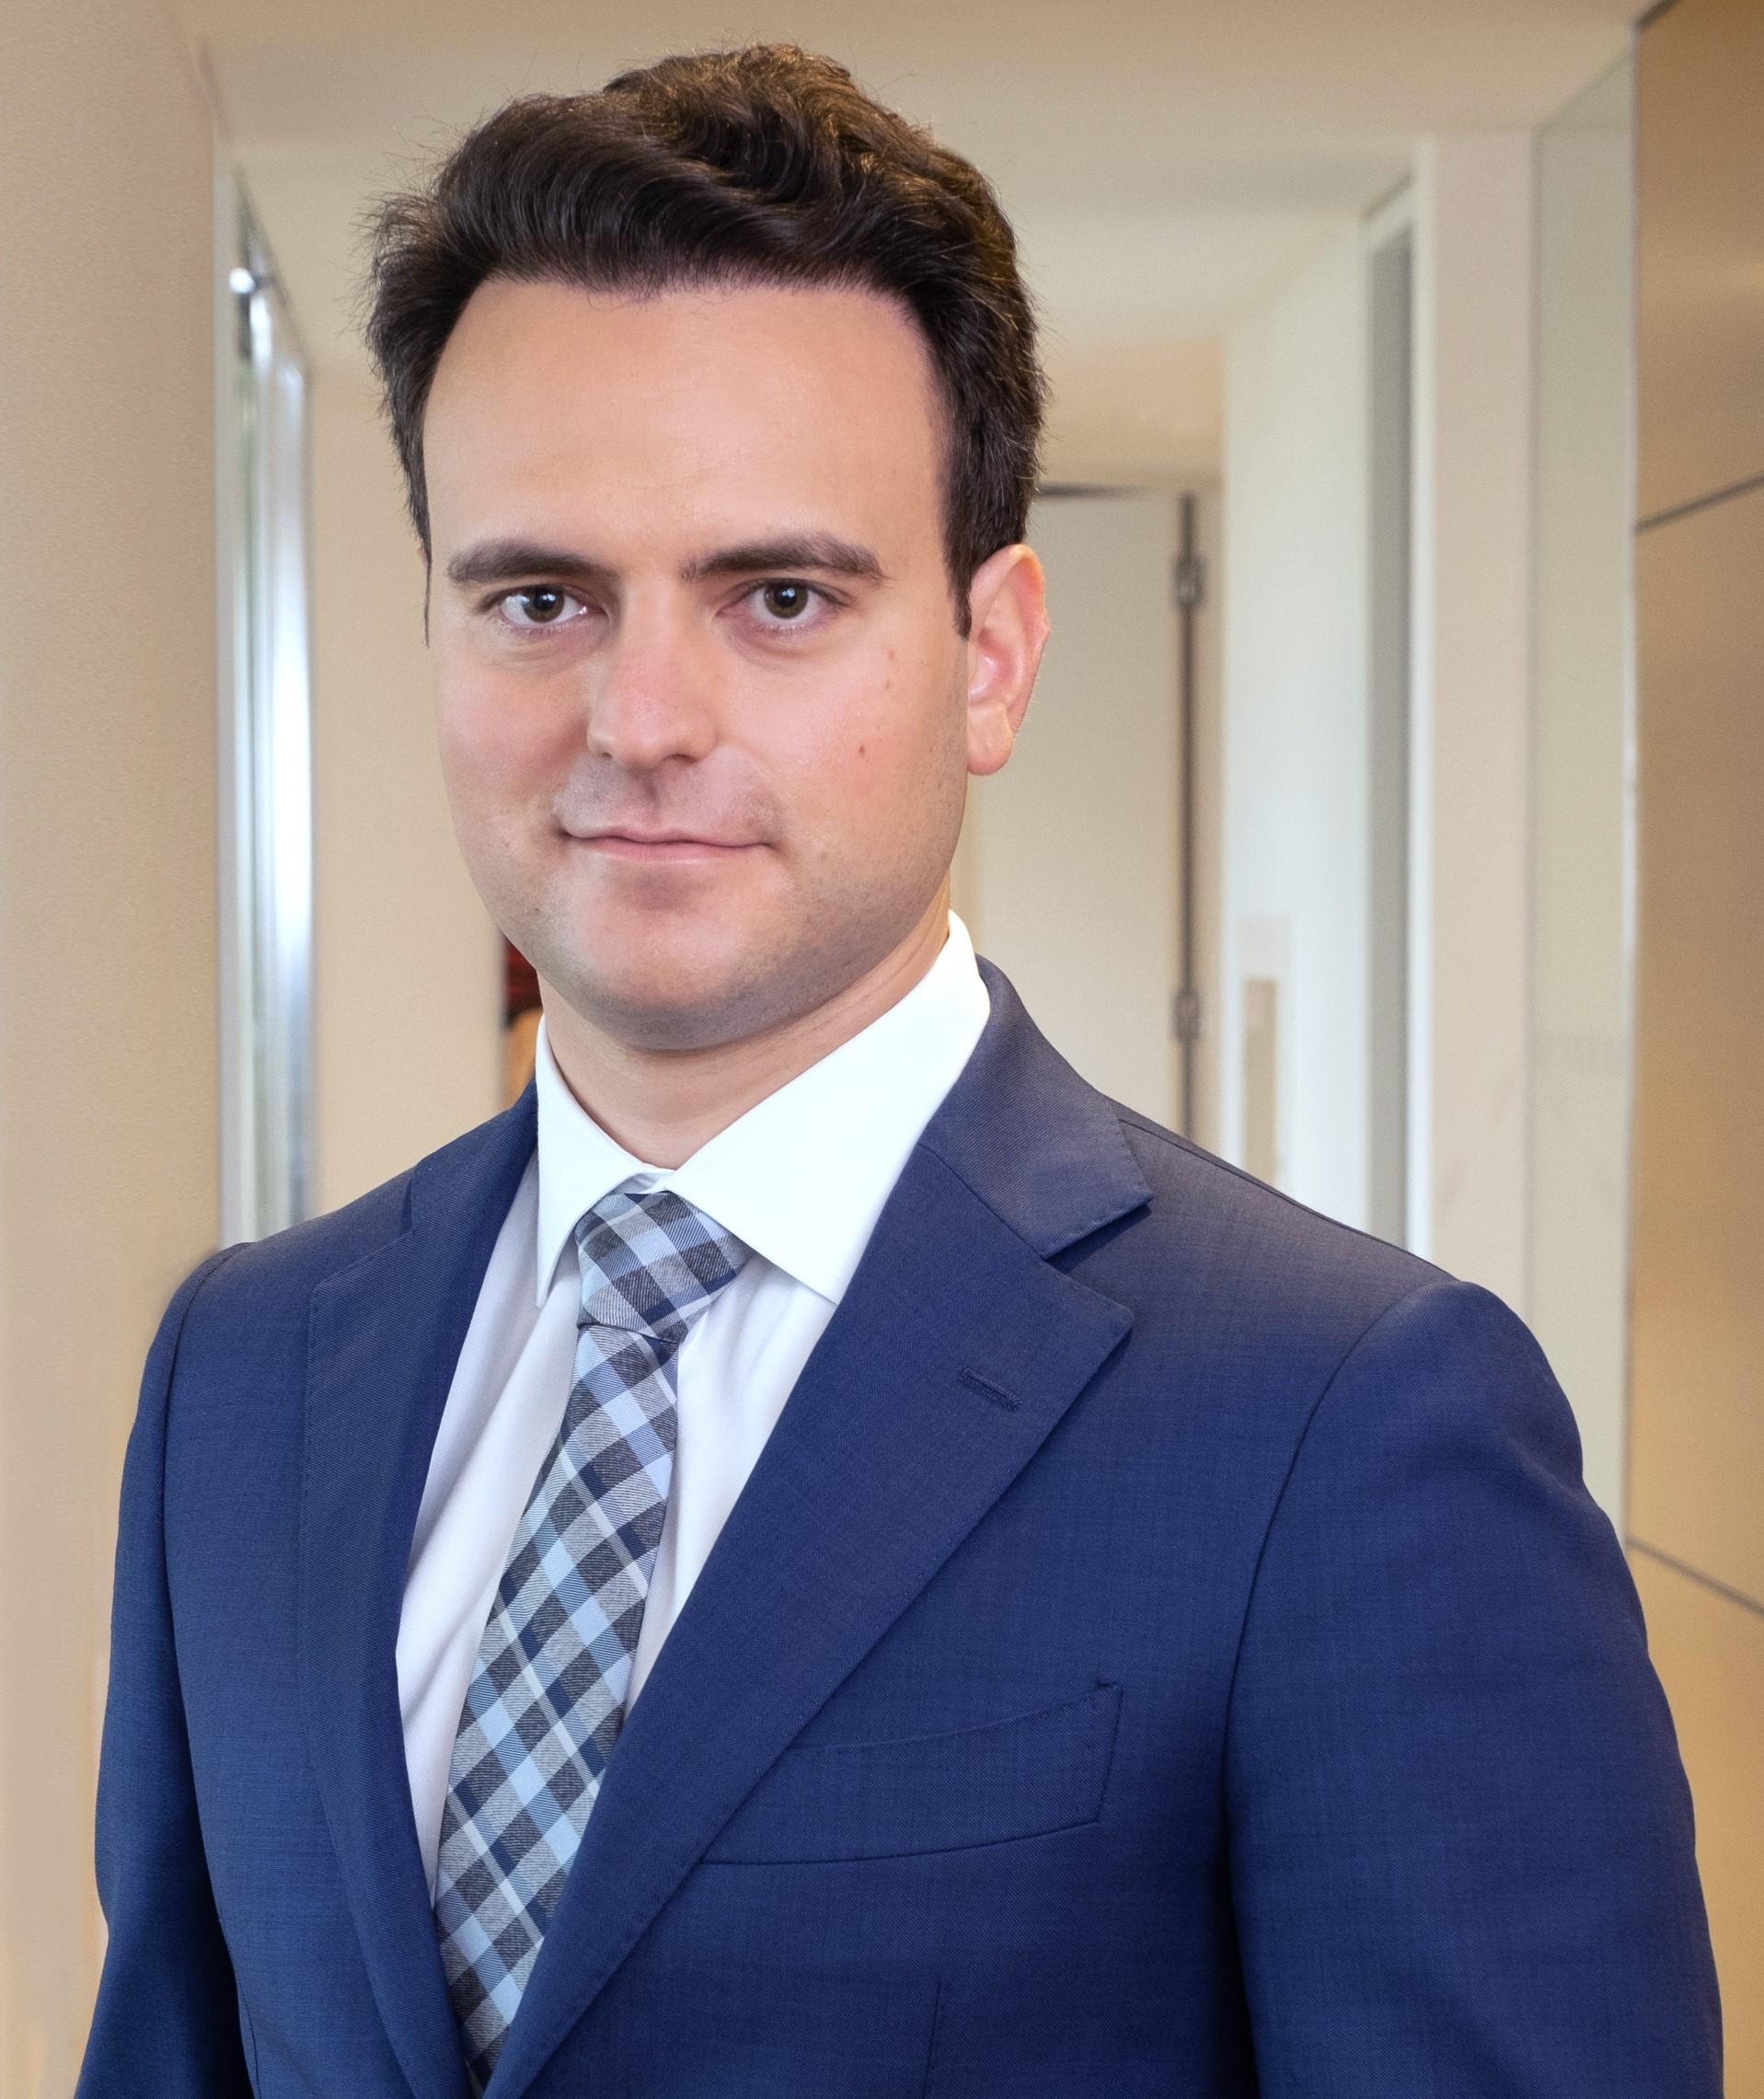 Michael Andrisani